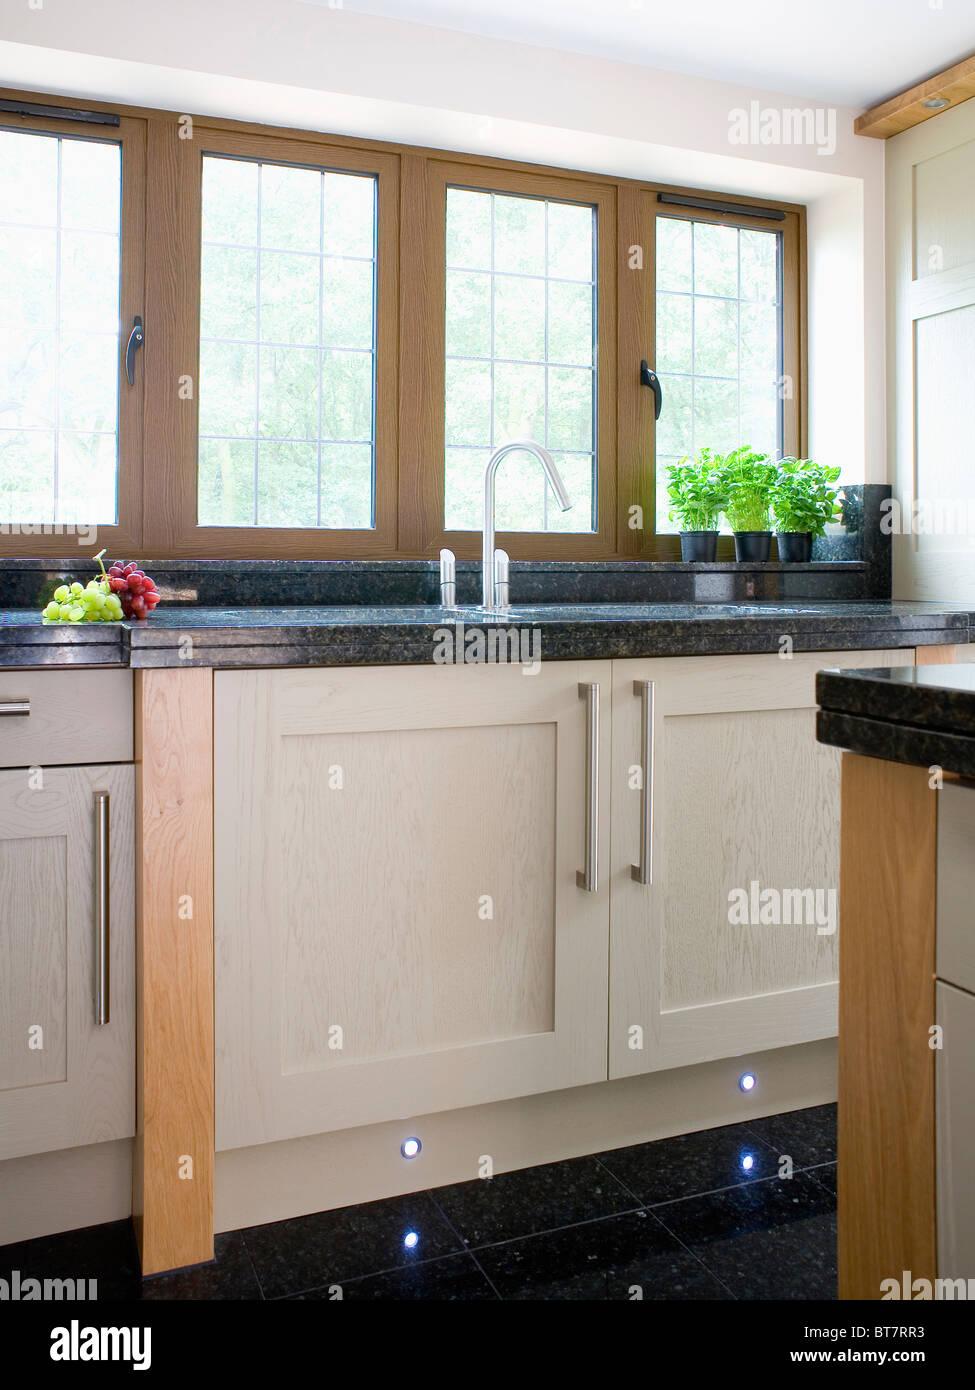 Interior Design For Küche Granit Arbeitsplatte Reference Of Schwarzer Auf Creme Ausgestattete Einheit Unter Fenster